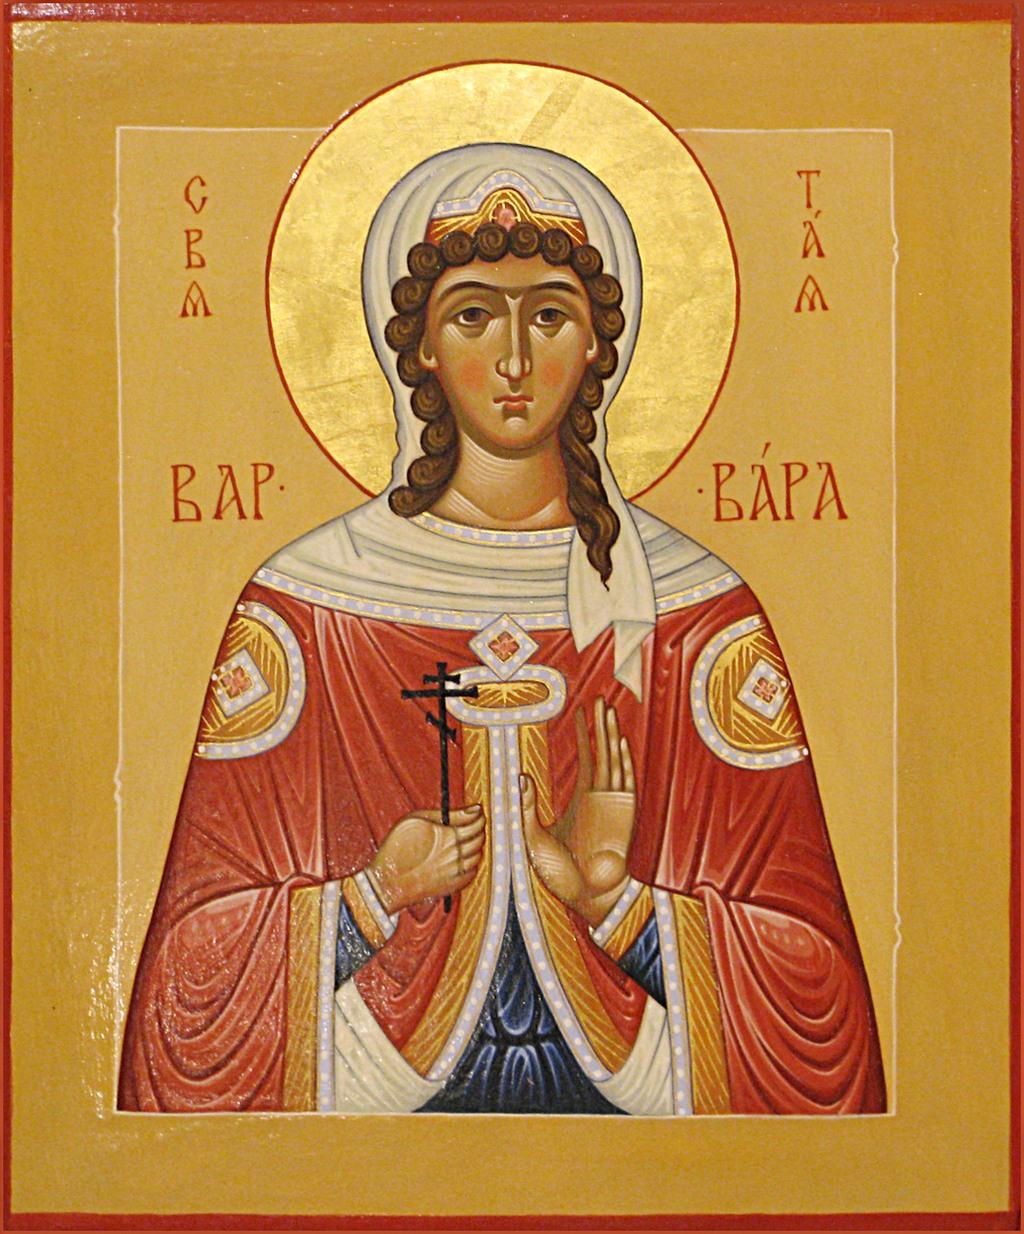 Света великомъченица Варвара е живяла ...: gotvarstvo.bg/a/sv-varvara-trapeza